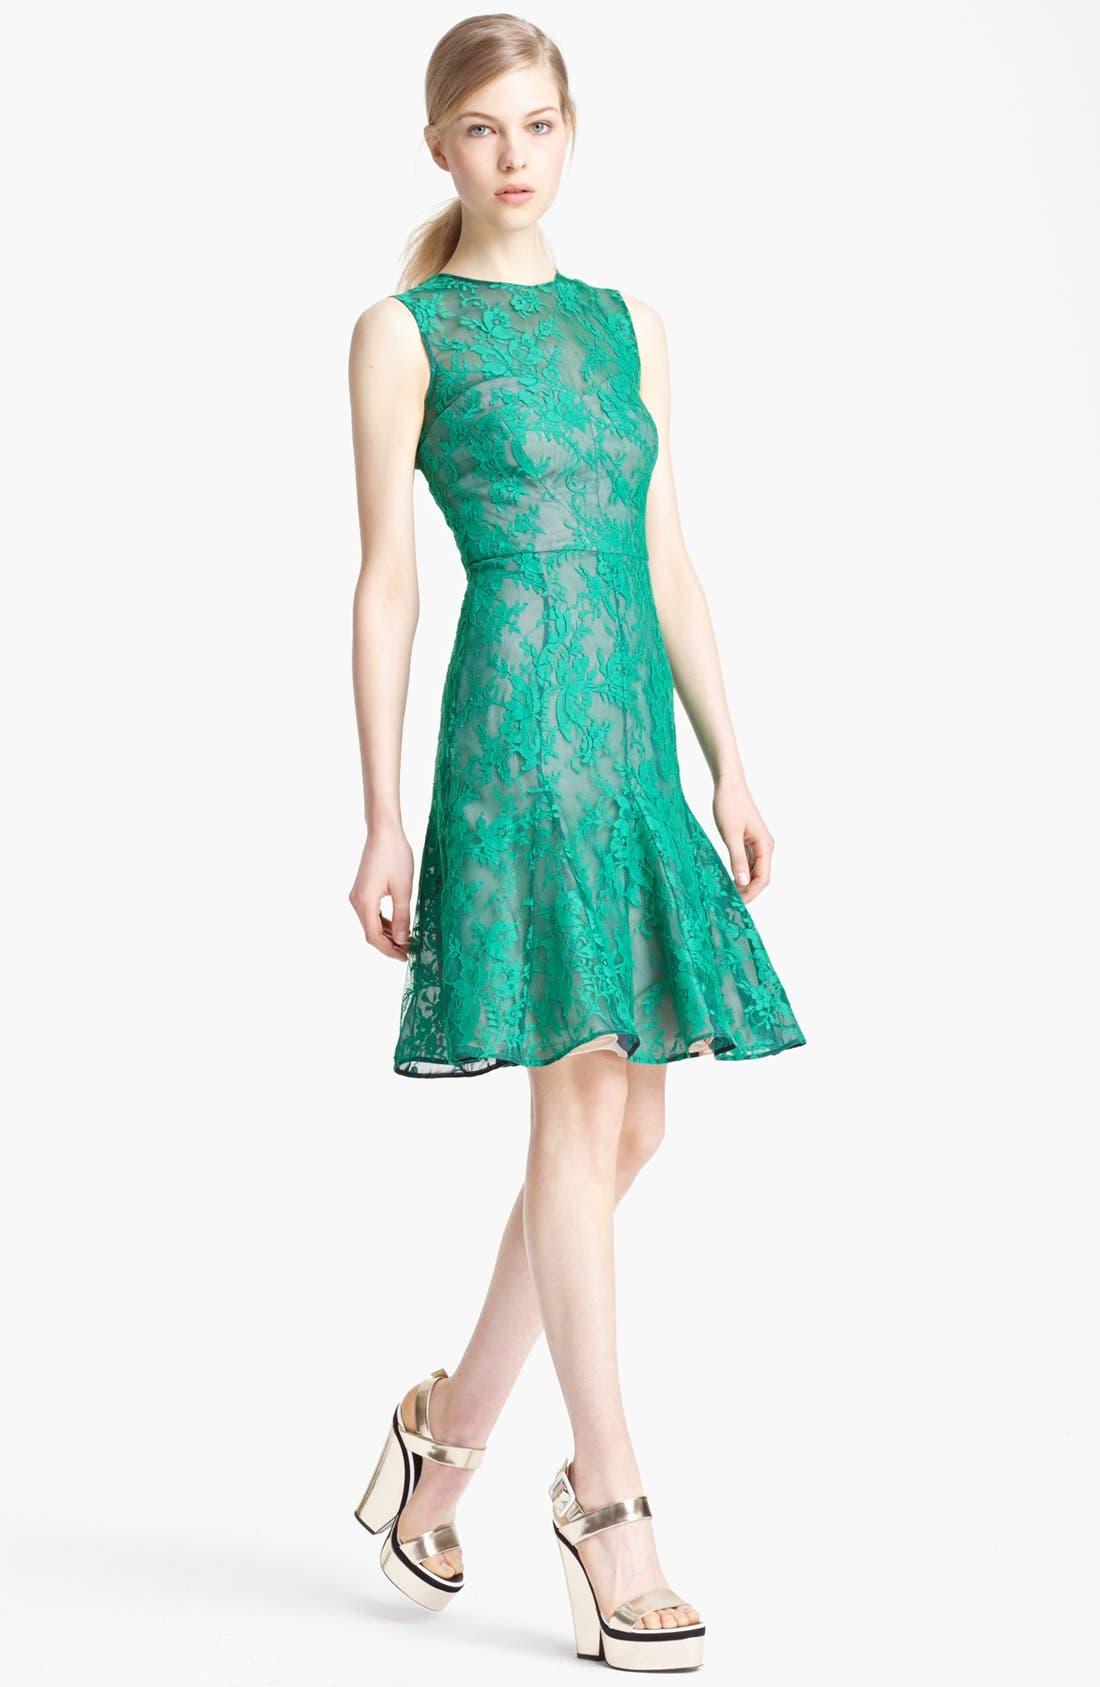 Main Image - Erdem Lace Overlay Full Skirt Dress